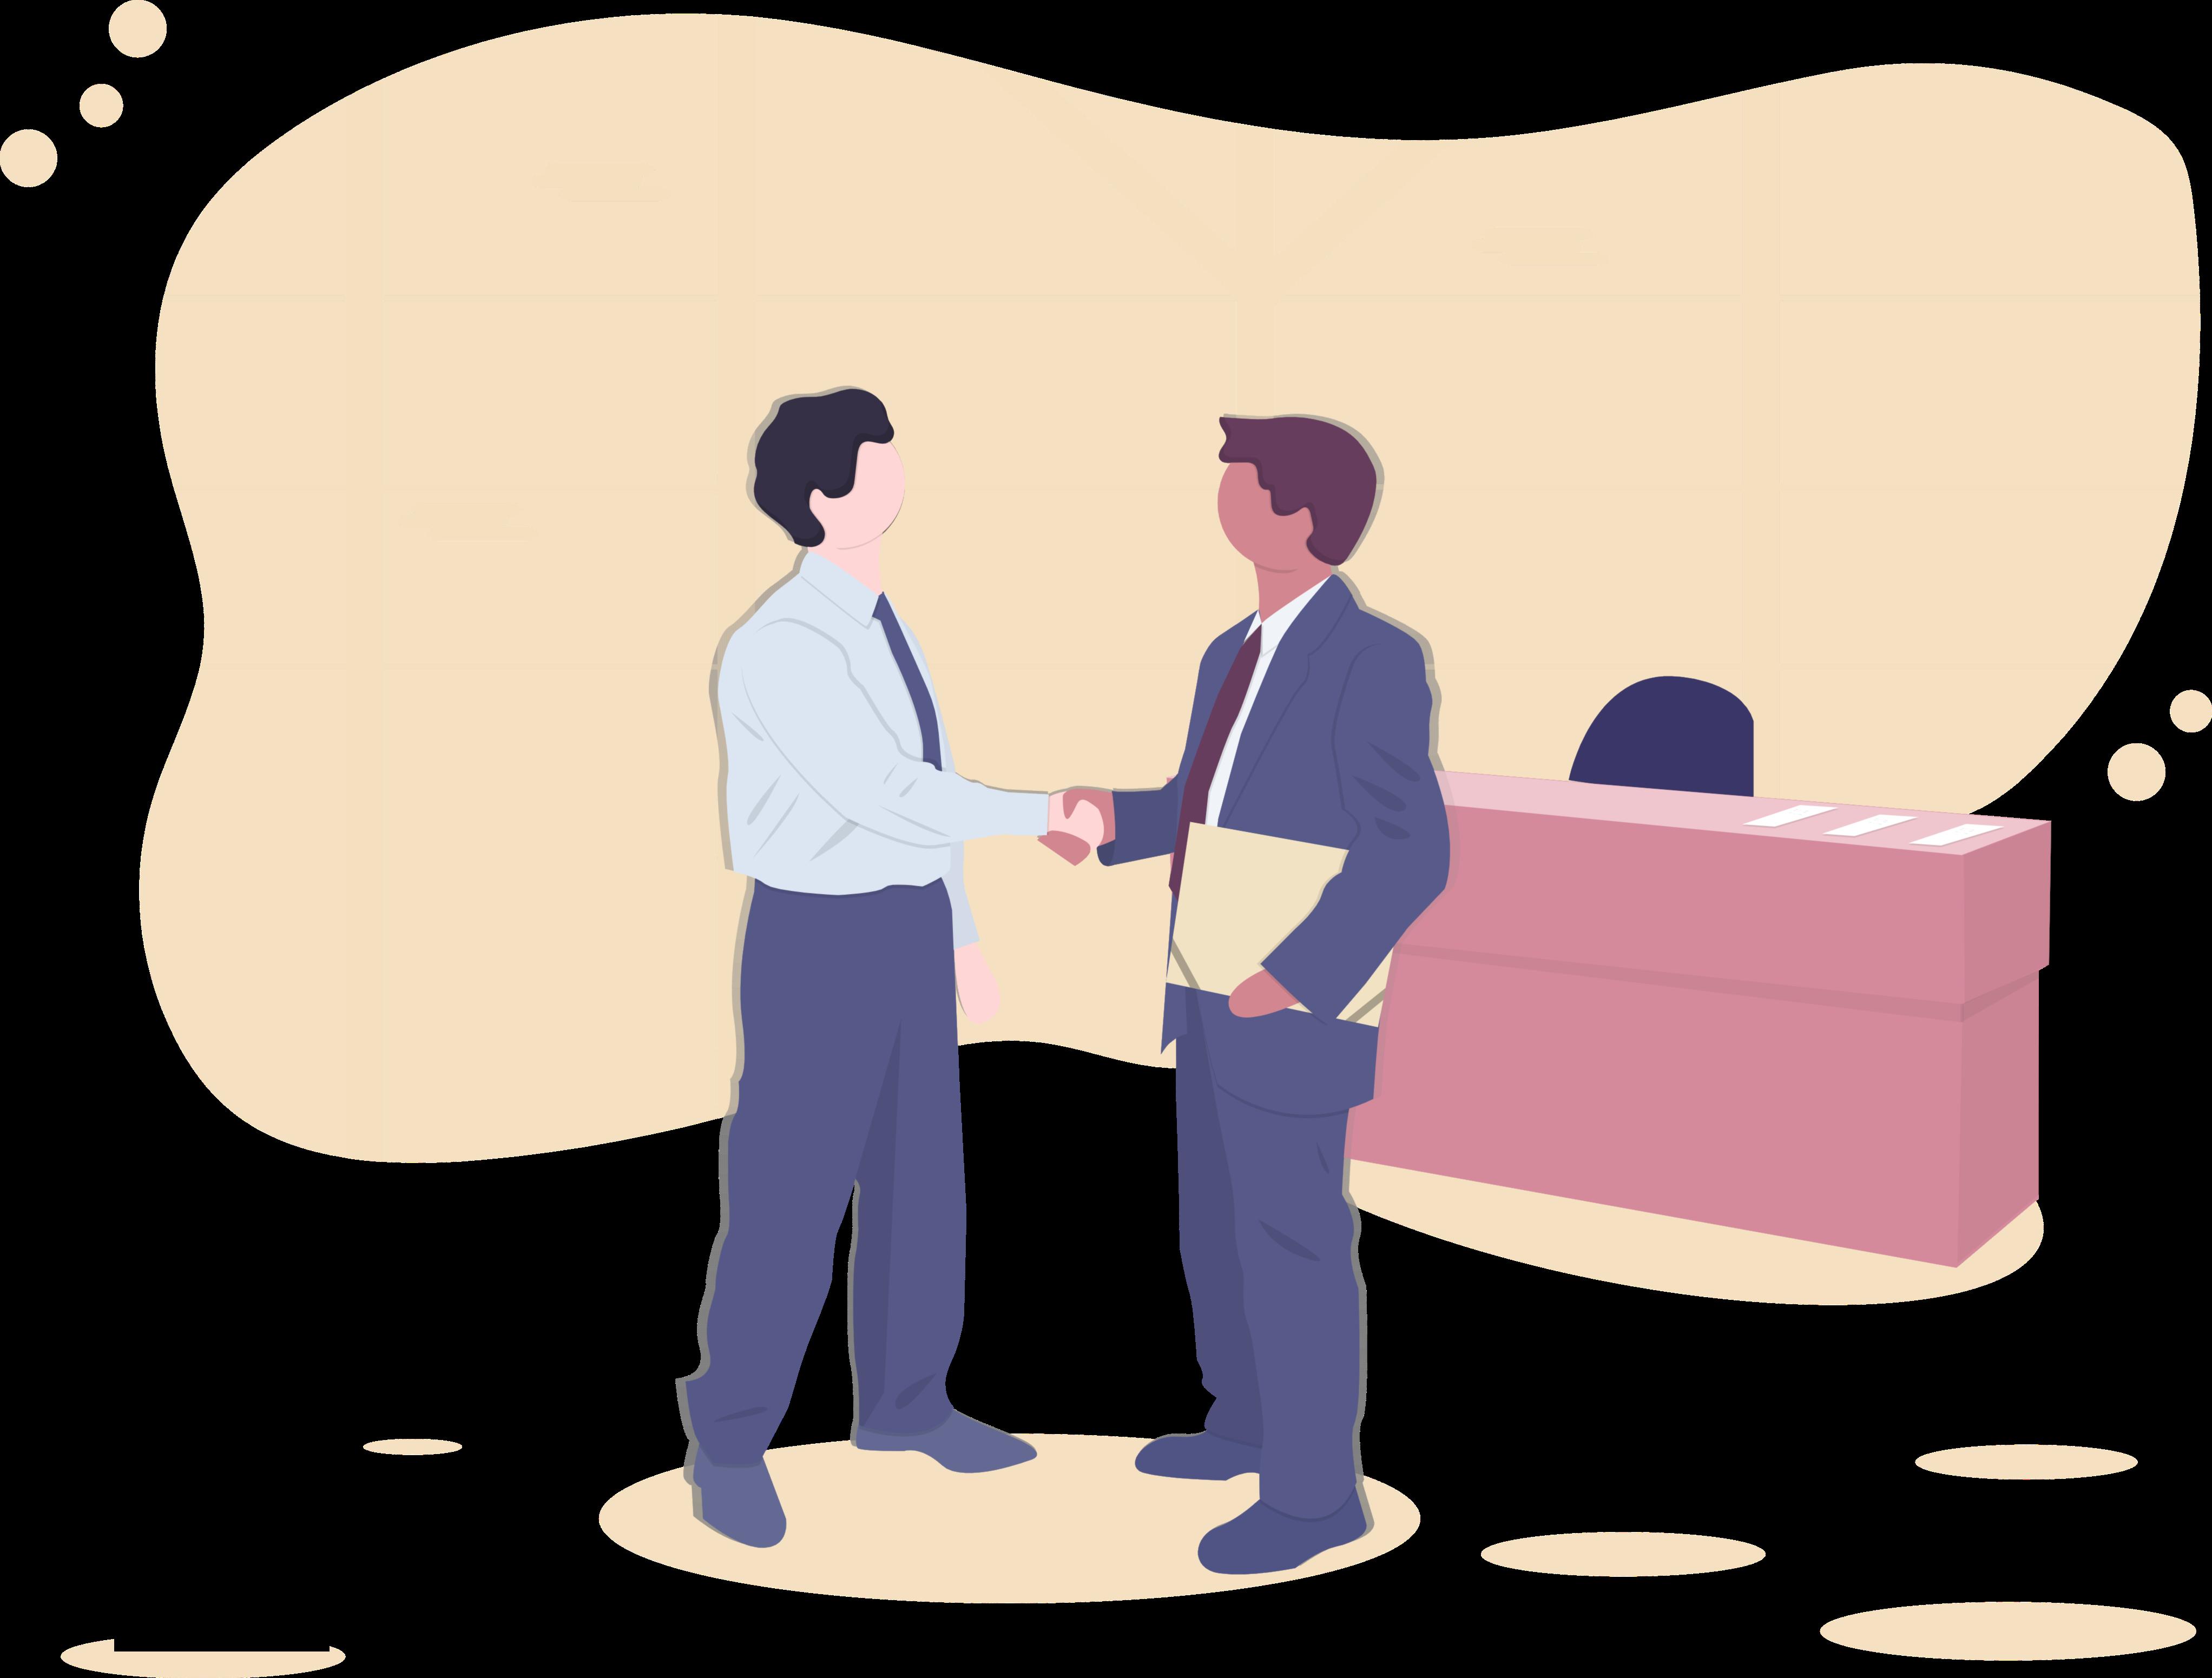 Two men shaking hands illustration